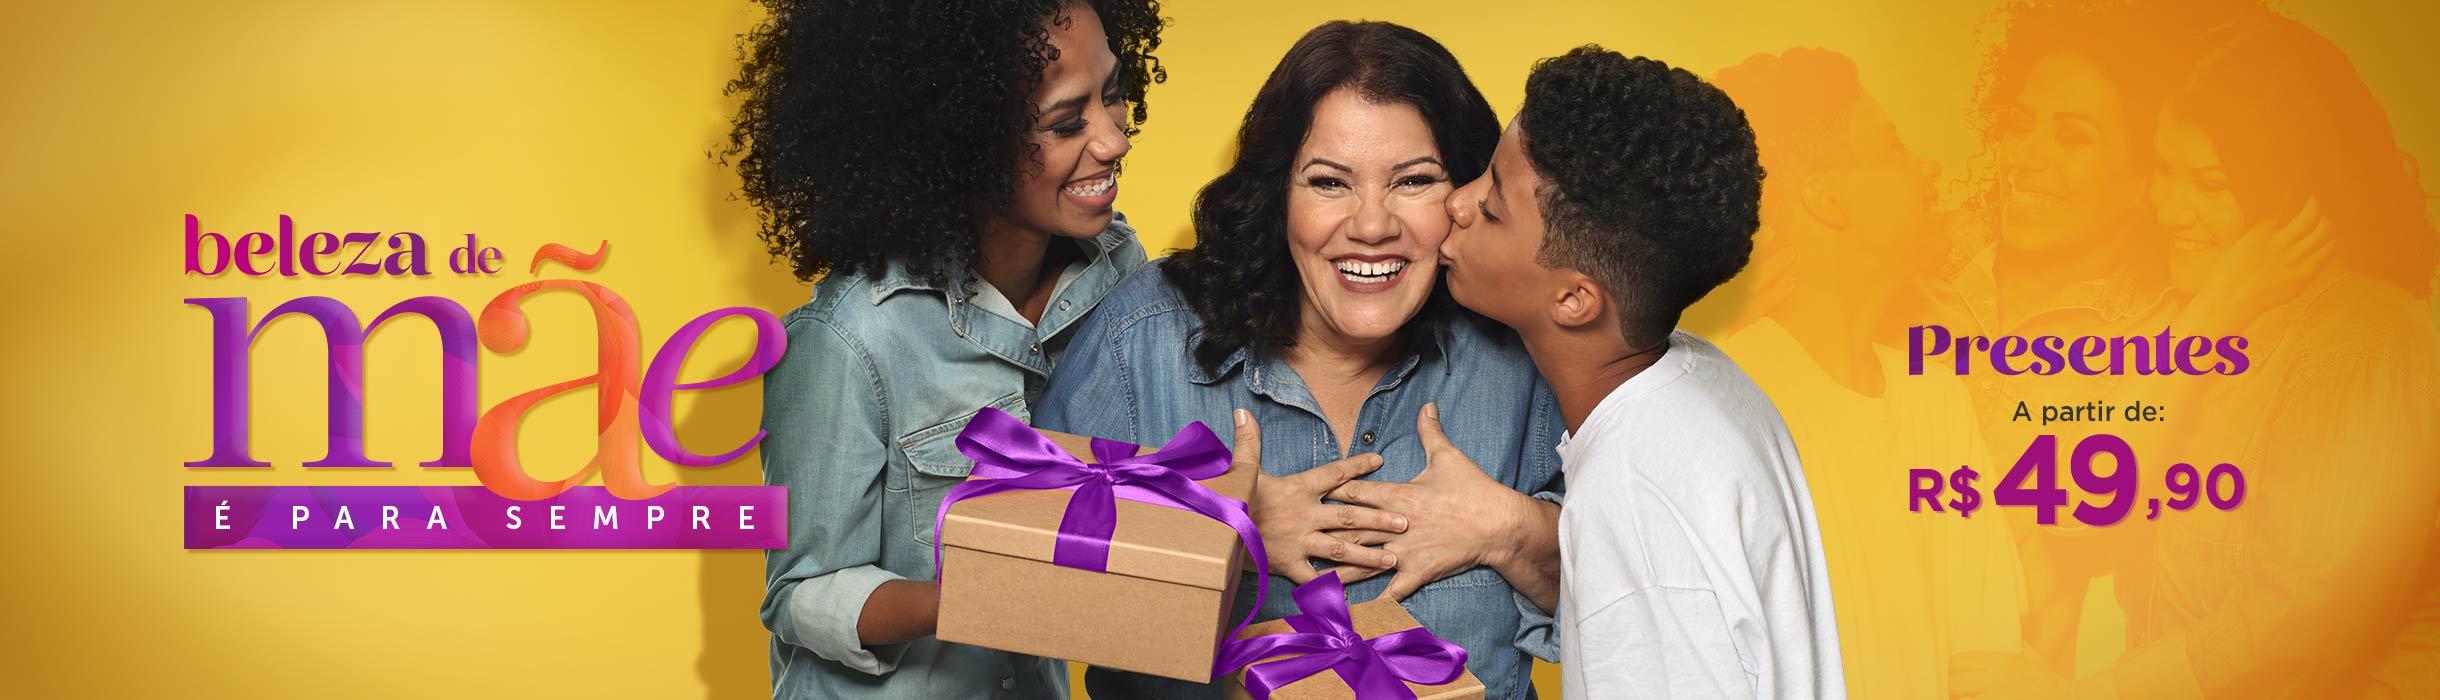 Dia das Mães - Boas Promoções